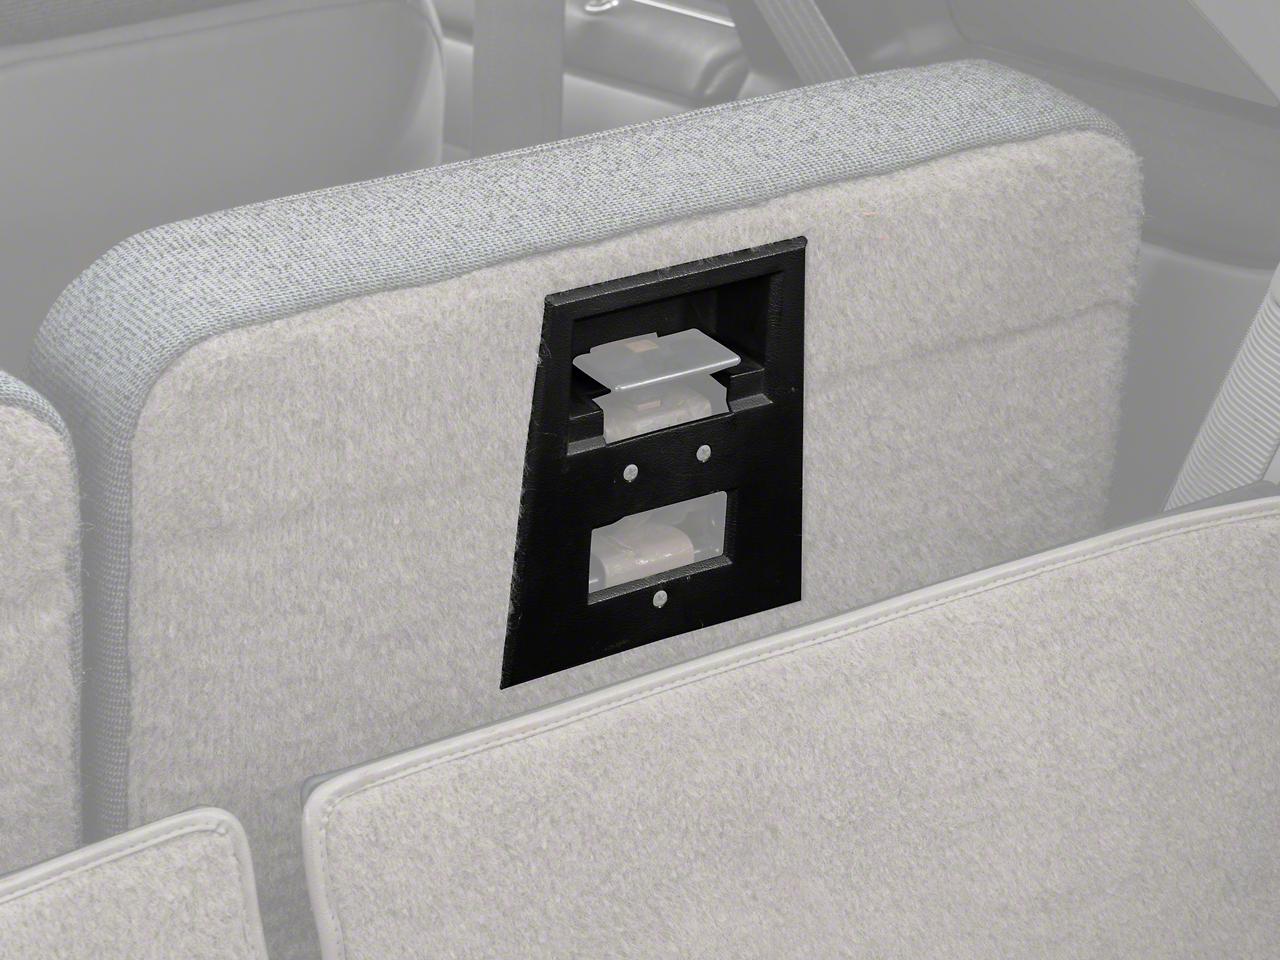 Hatchback Rear Seat Latch Bezel (84-93 All)